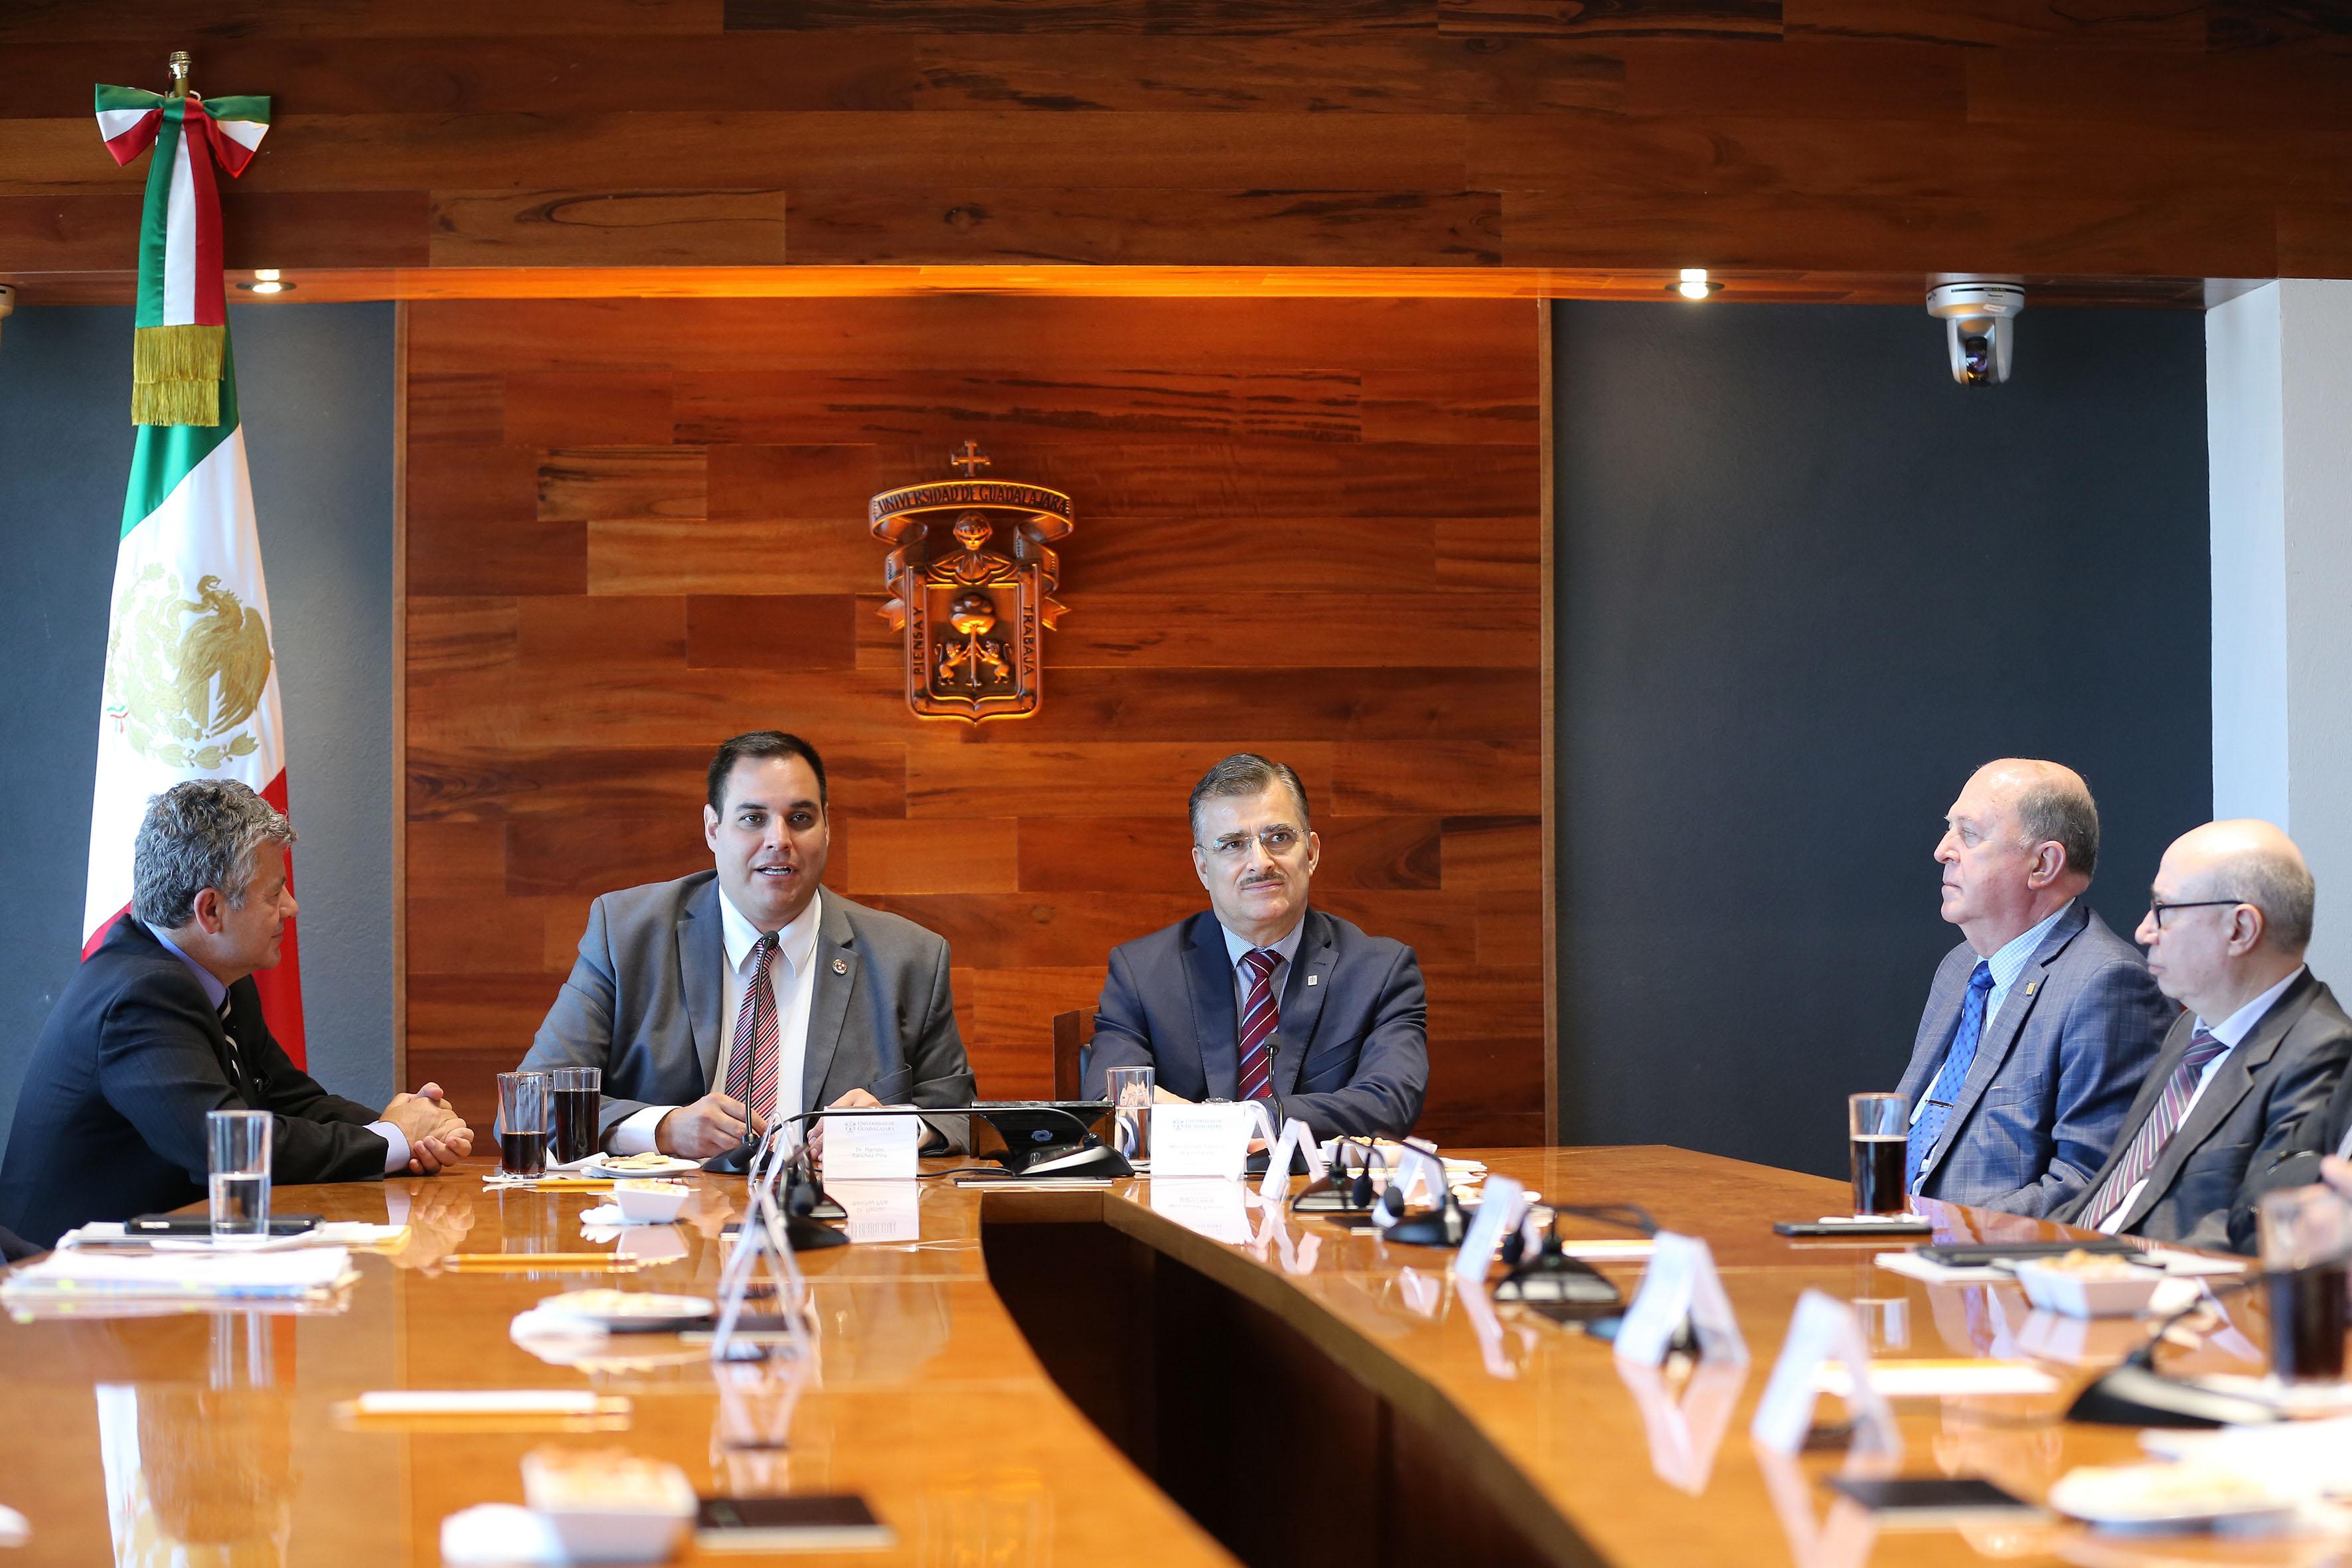 Rector General de la UdeG, maestro Itzcóatl Tonatiuh Bravo Padilla y el director del Programa de Tecnologías Sostenibles y Salud, de la Universidad de Harvard, doctor Ramón Sánchez Piña, en firma de convenio